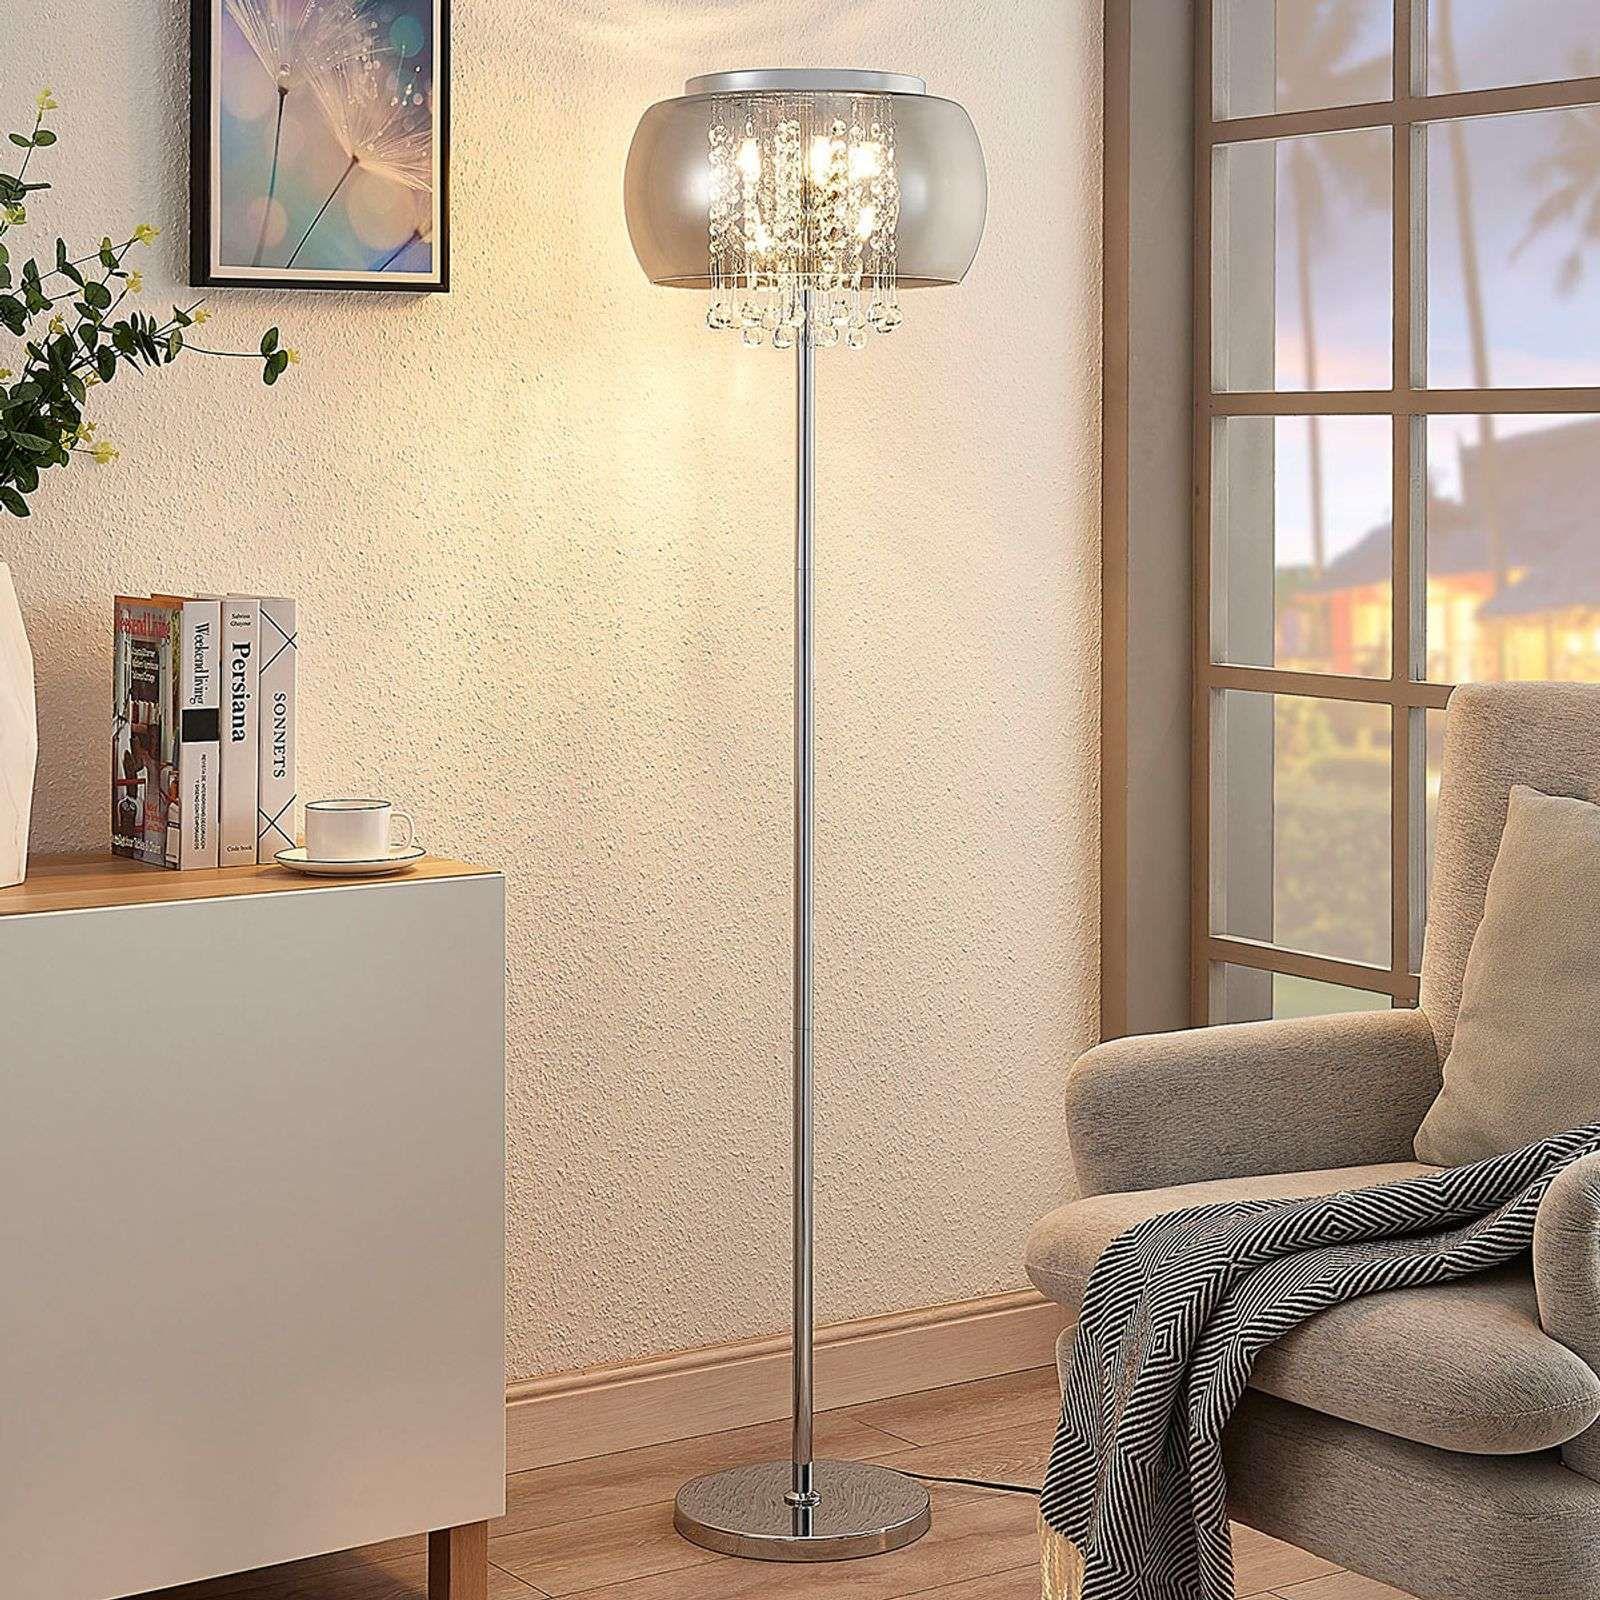 Led Stehleuchte Joani Mit Rauchglasschirm Stehlampe Design